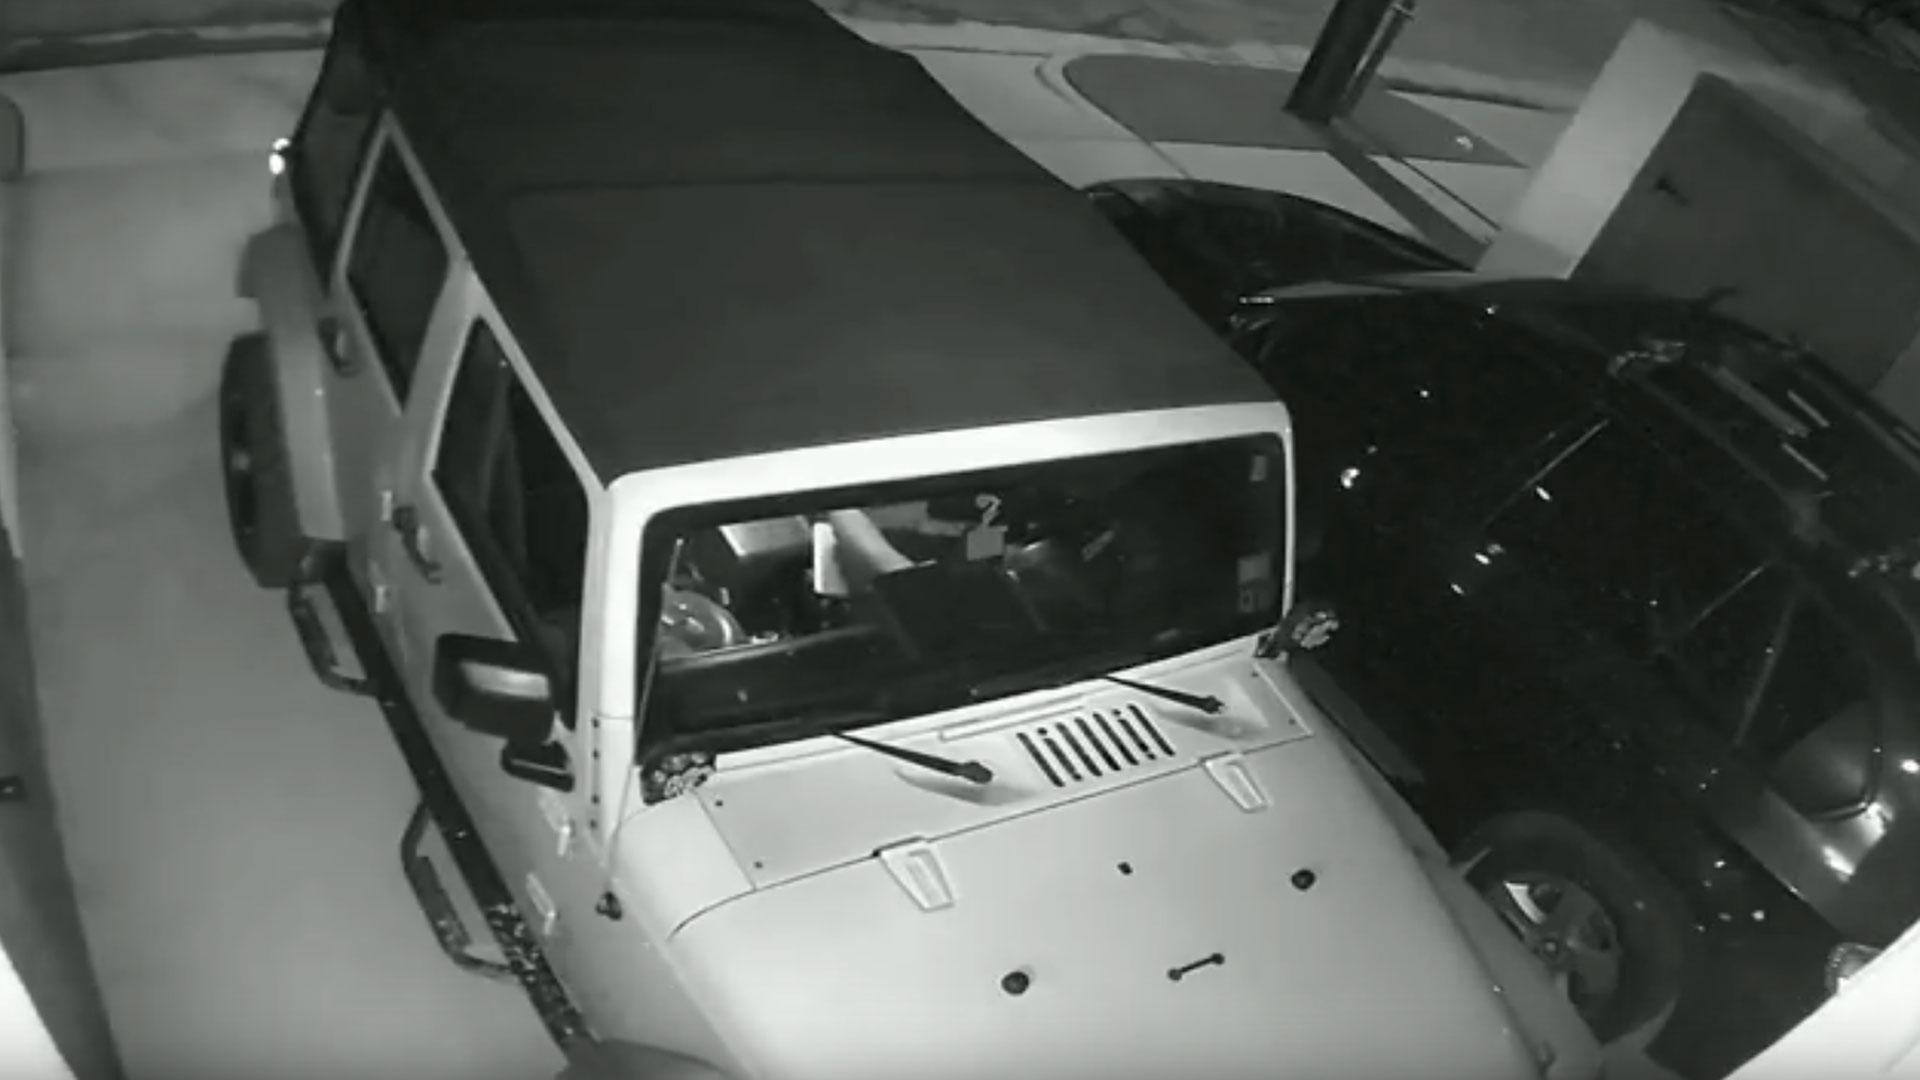 Con-un-portátil-y-dos-minutos-ten-han-robado-el-coche-1920